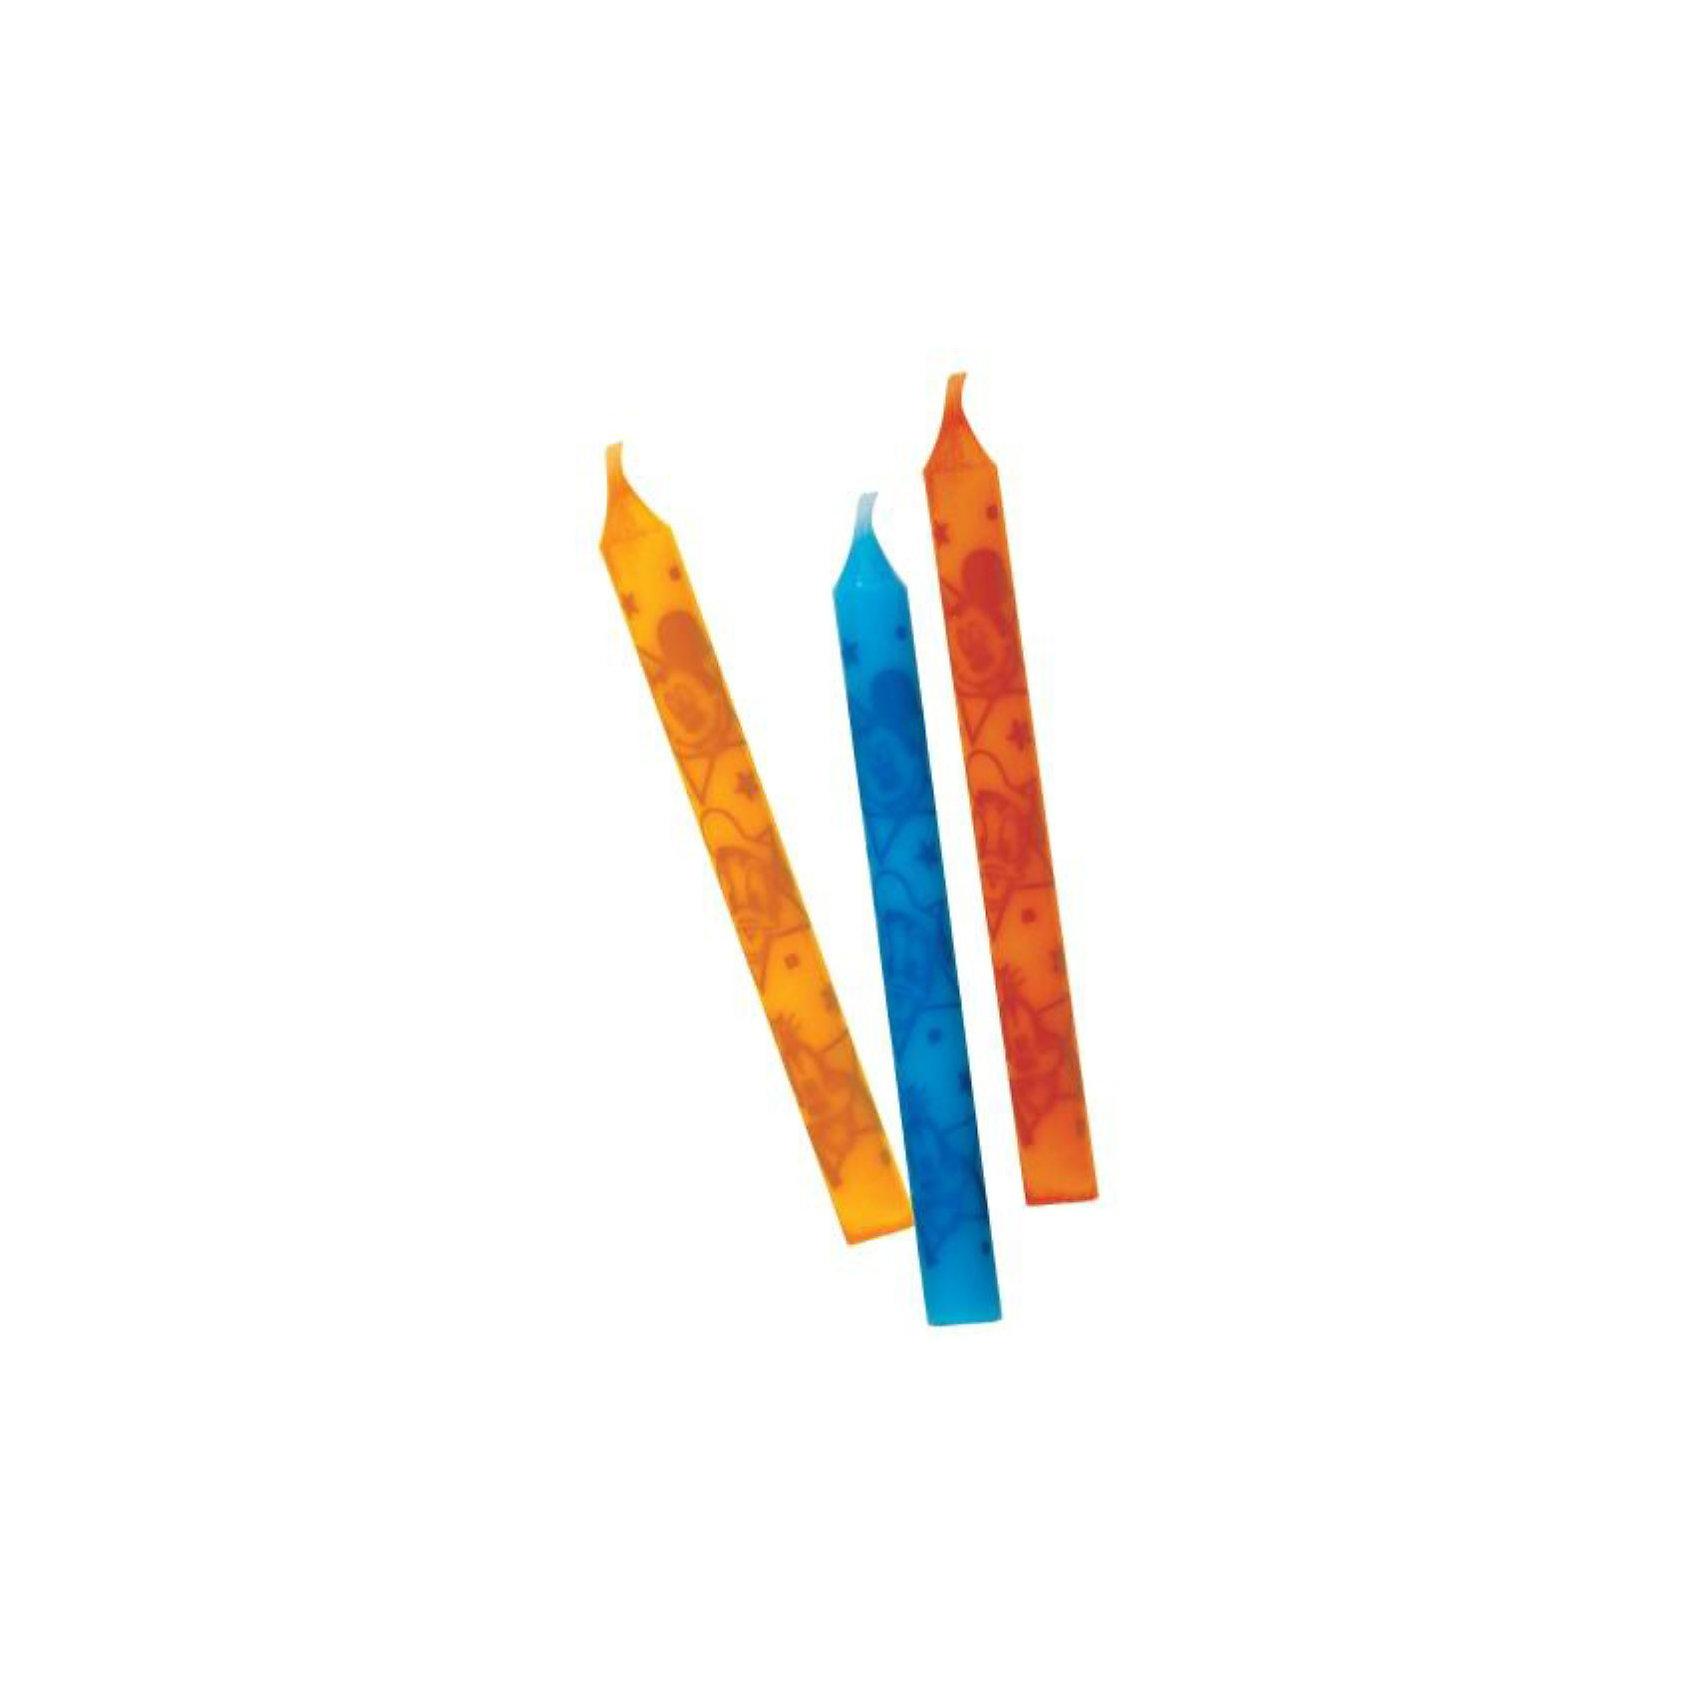 Procos Procos Свечи Микки Маус, 12 шт. стаканы пластиковые procos микки и его друзья сладости